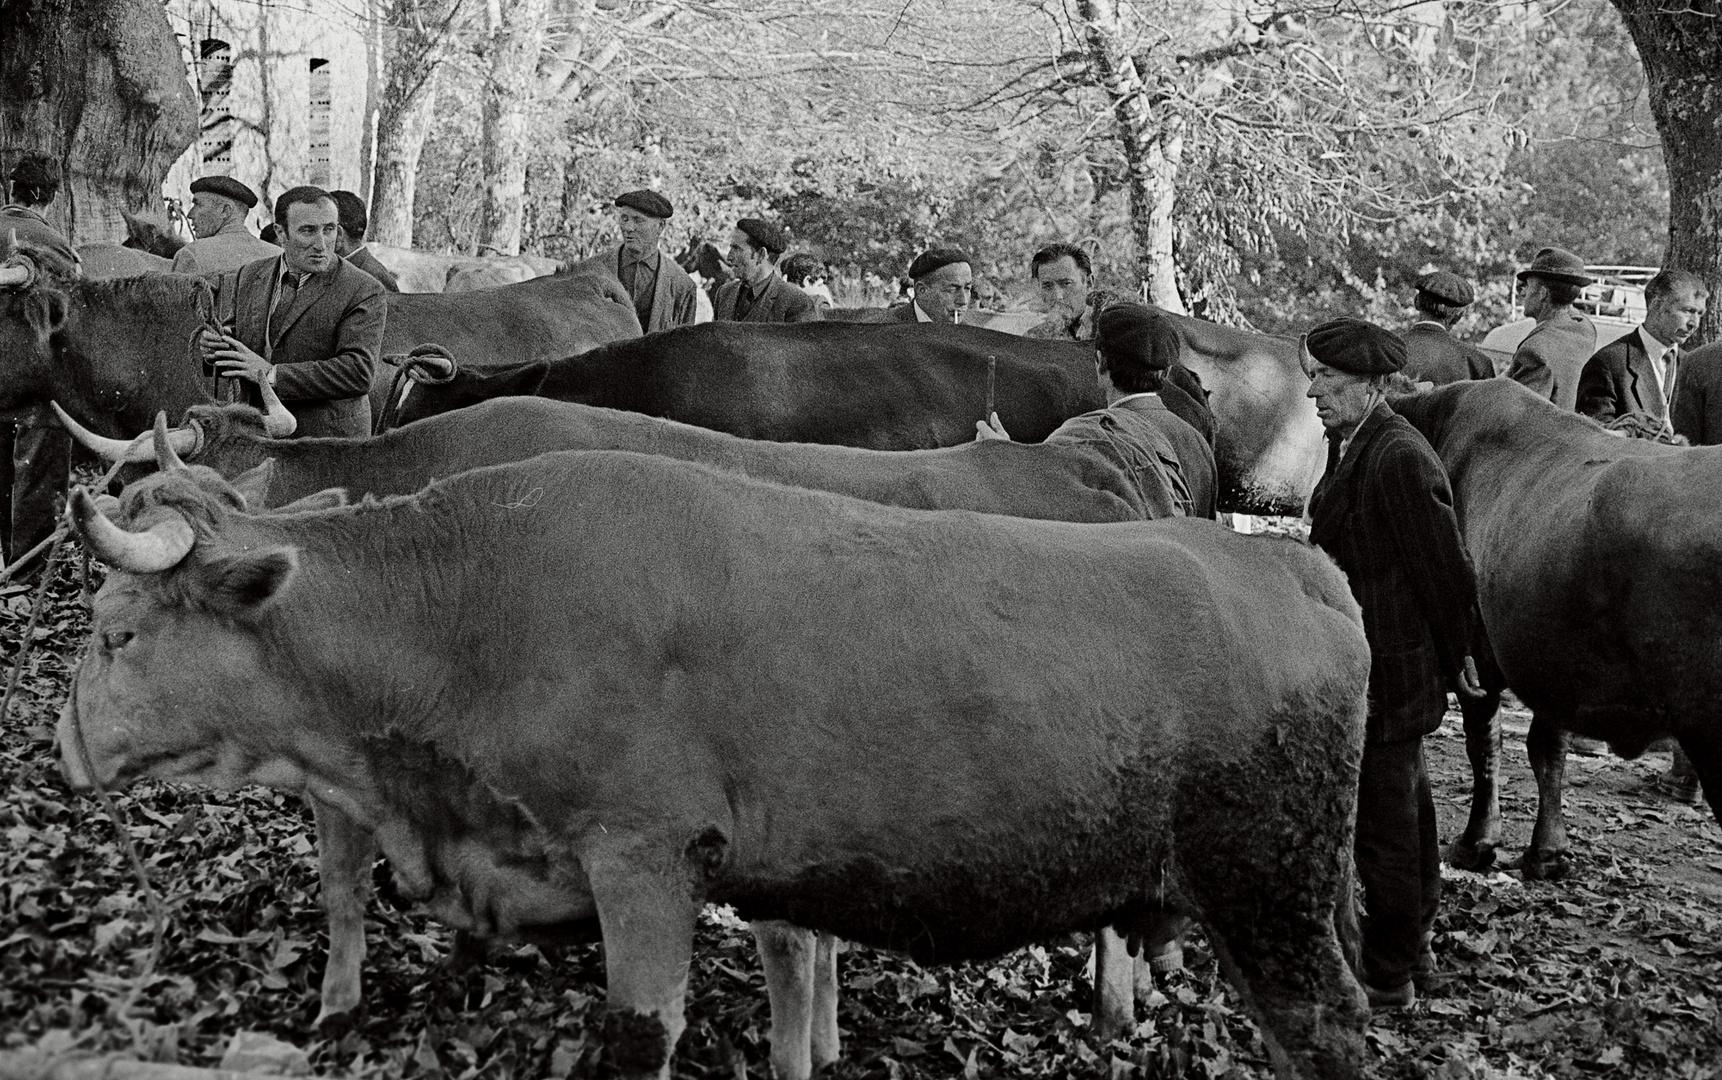 Año 1-964 - EN LA FÉRIA